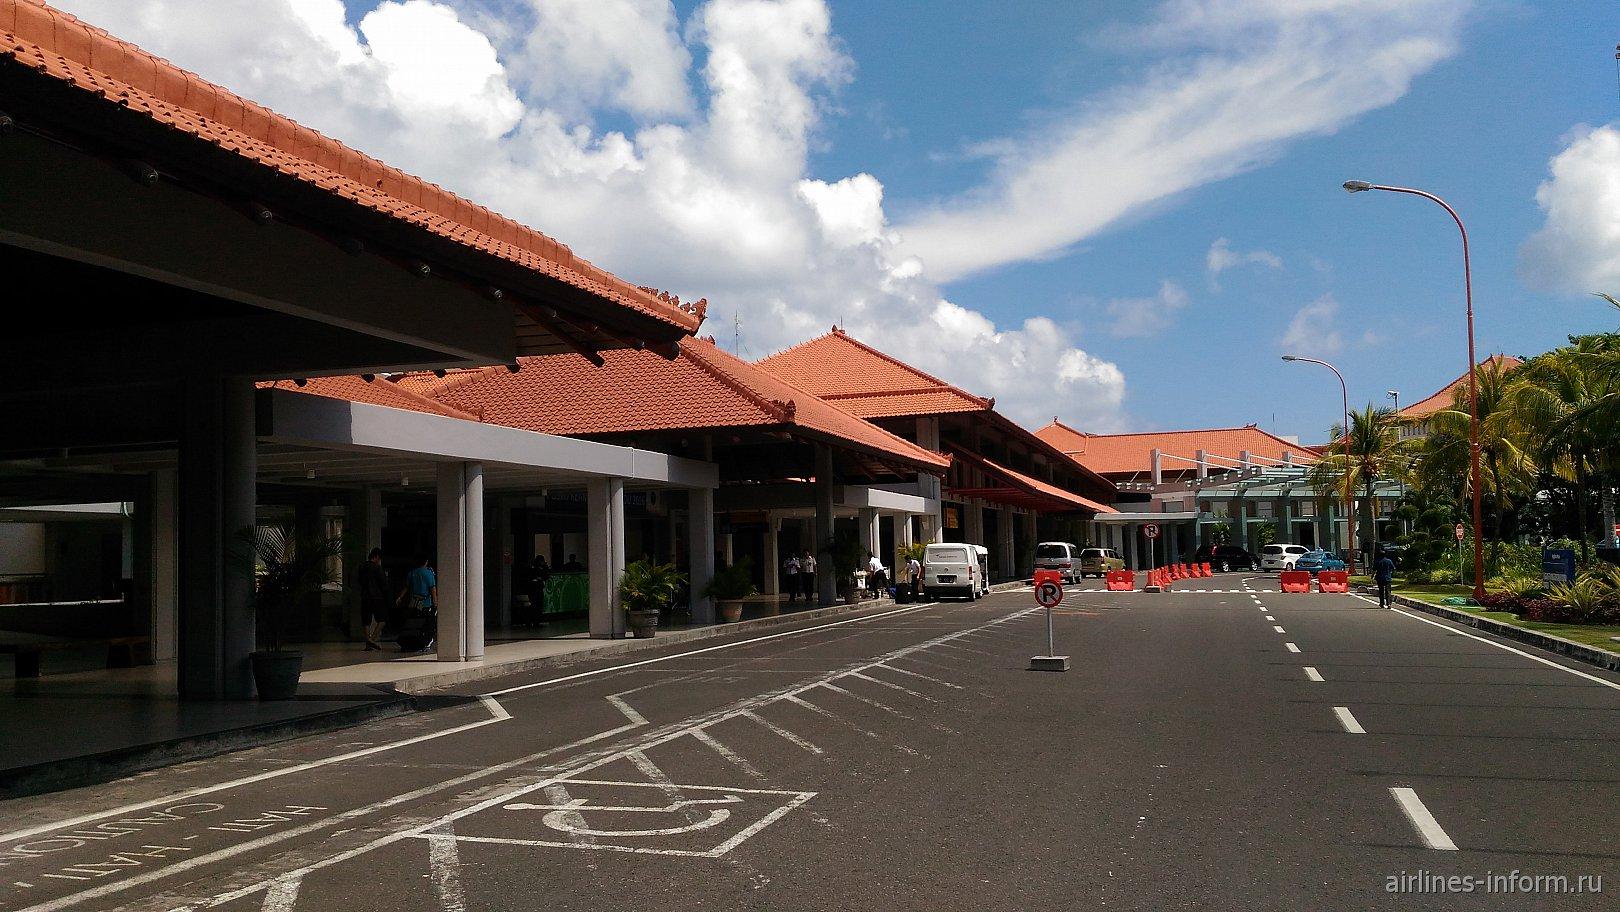 Терминал внутренних линий в аэропорту Денпасар Нгура Рай